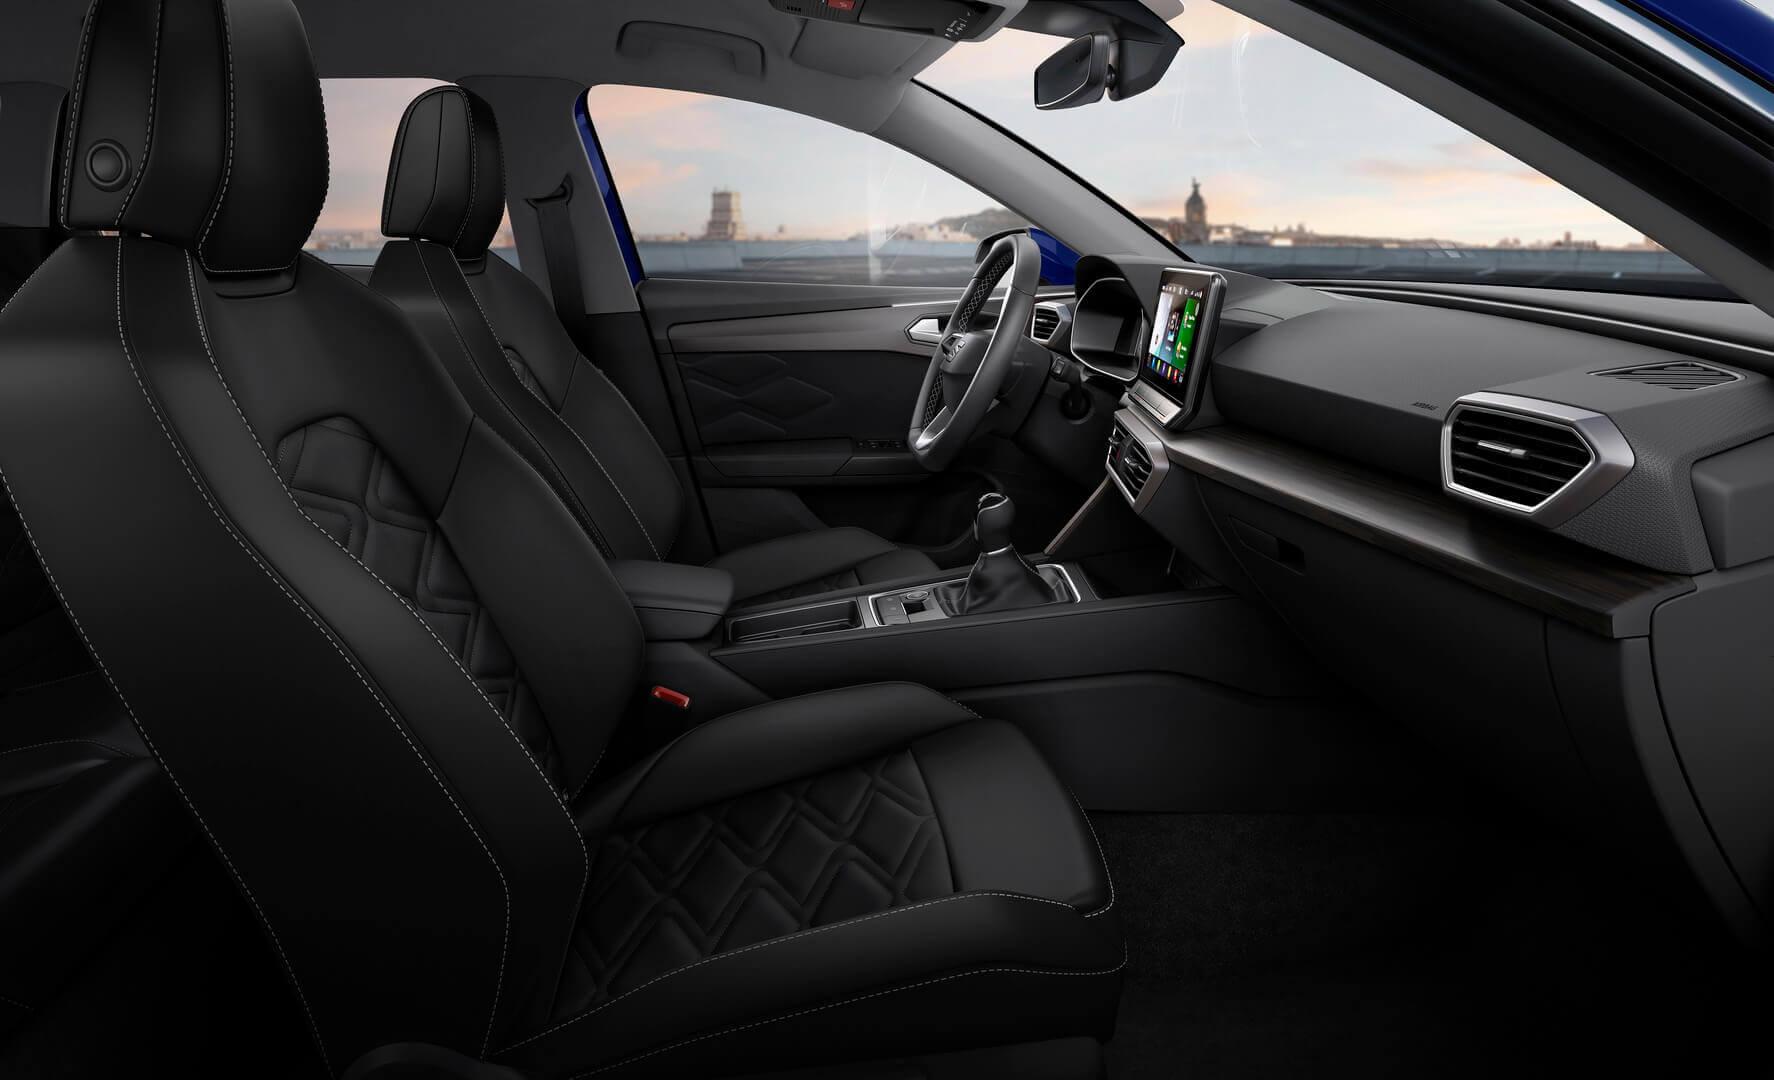 Интерьер плагин-гибрида SEAT Leon eHybrid Sportstourer